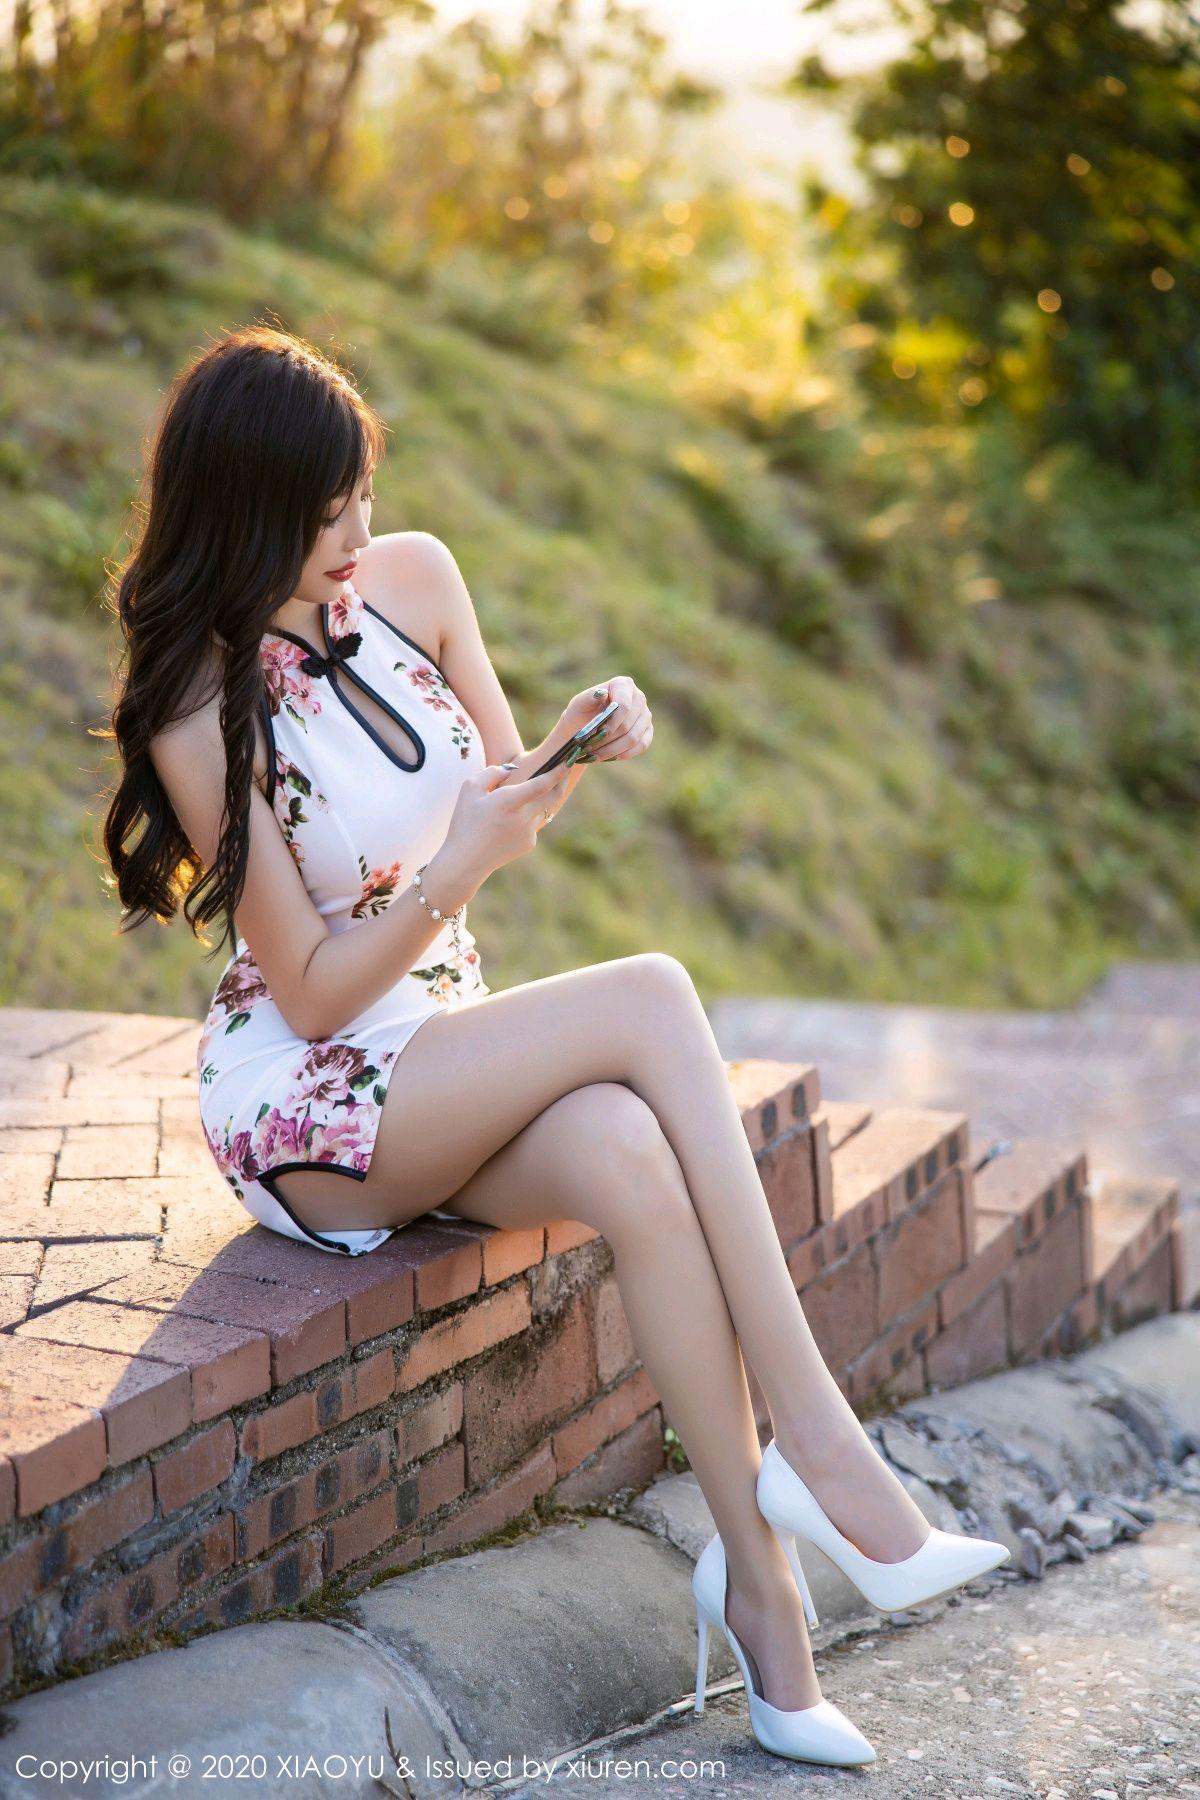 [XiaoYu] Vol.233 Yang Chen Chen 10P, Cheongsam, Foot, XiaoYu, Yang Chen Chen